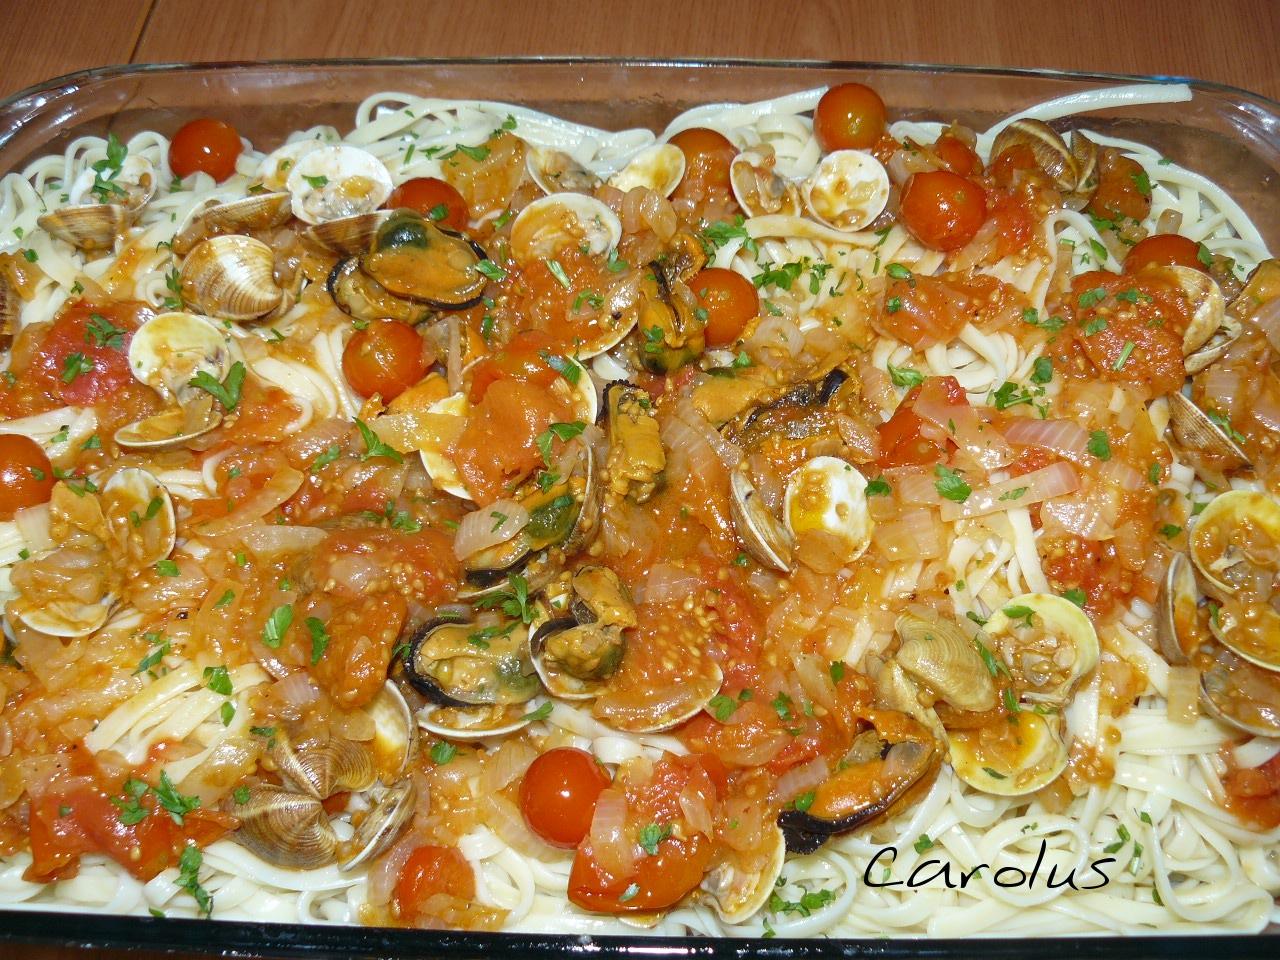 Tallarines con chirlas y mejillones carolus cocina - Espaguetis con chirlas ...